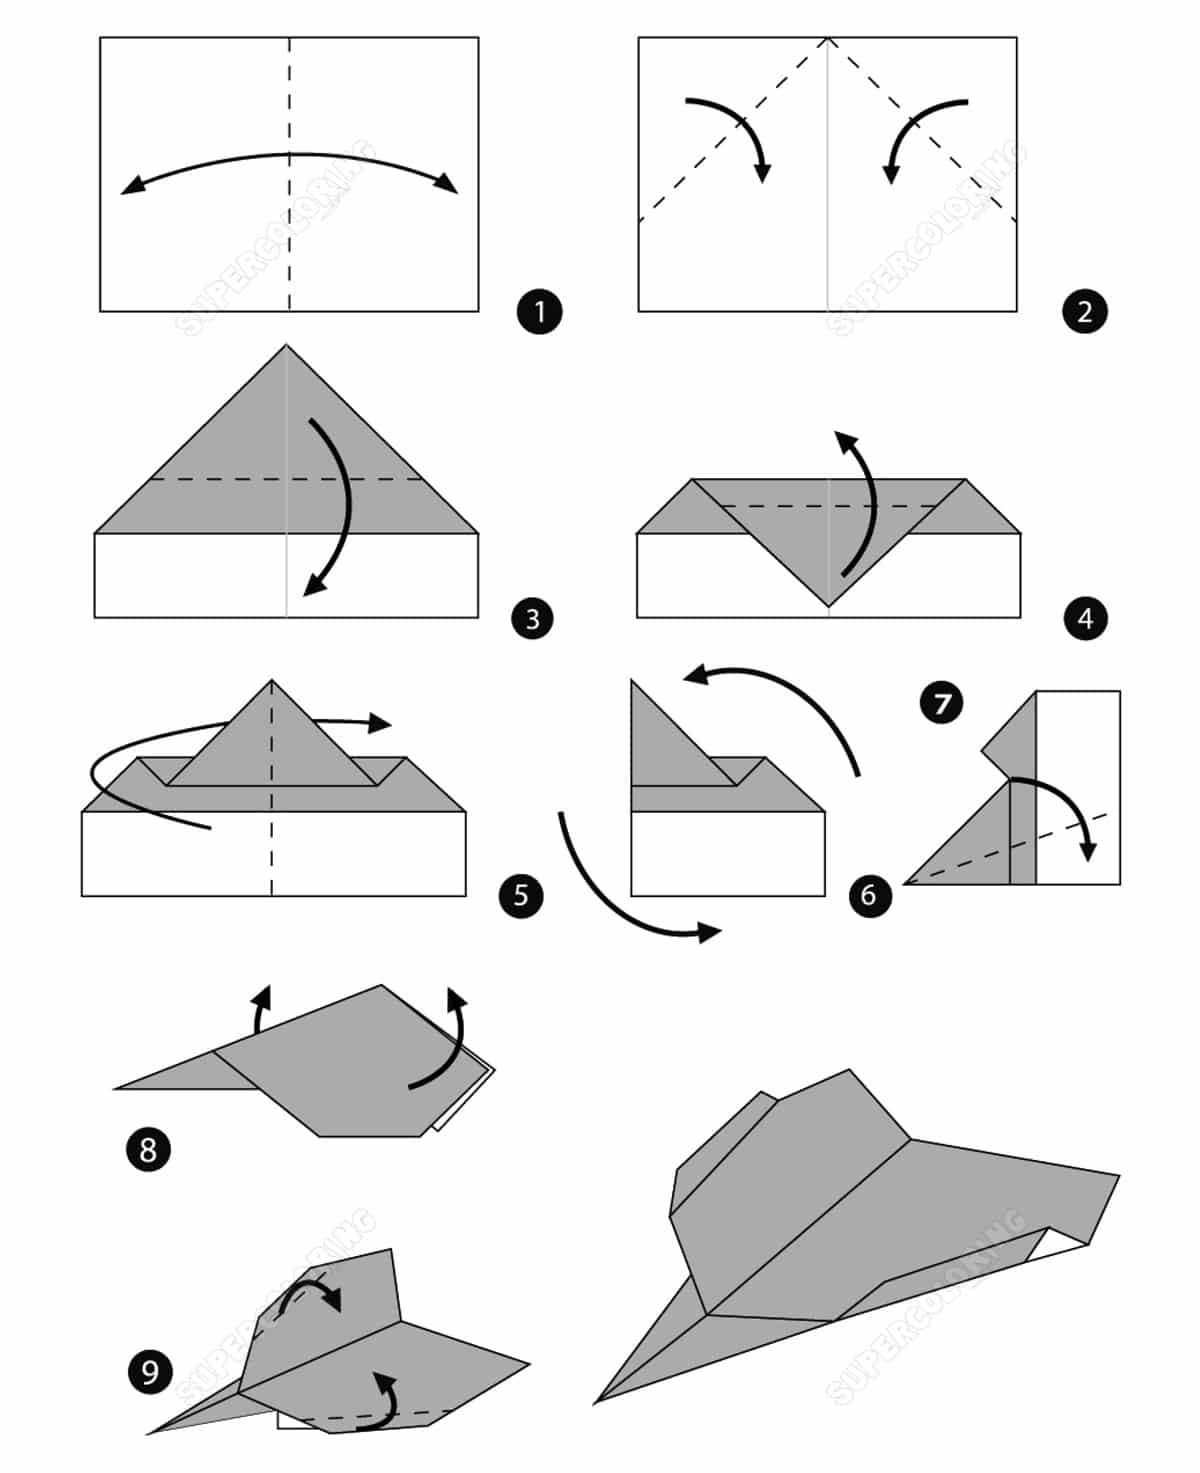 Dibujo avion papel estilo supersonico